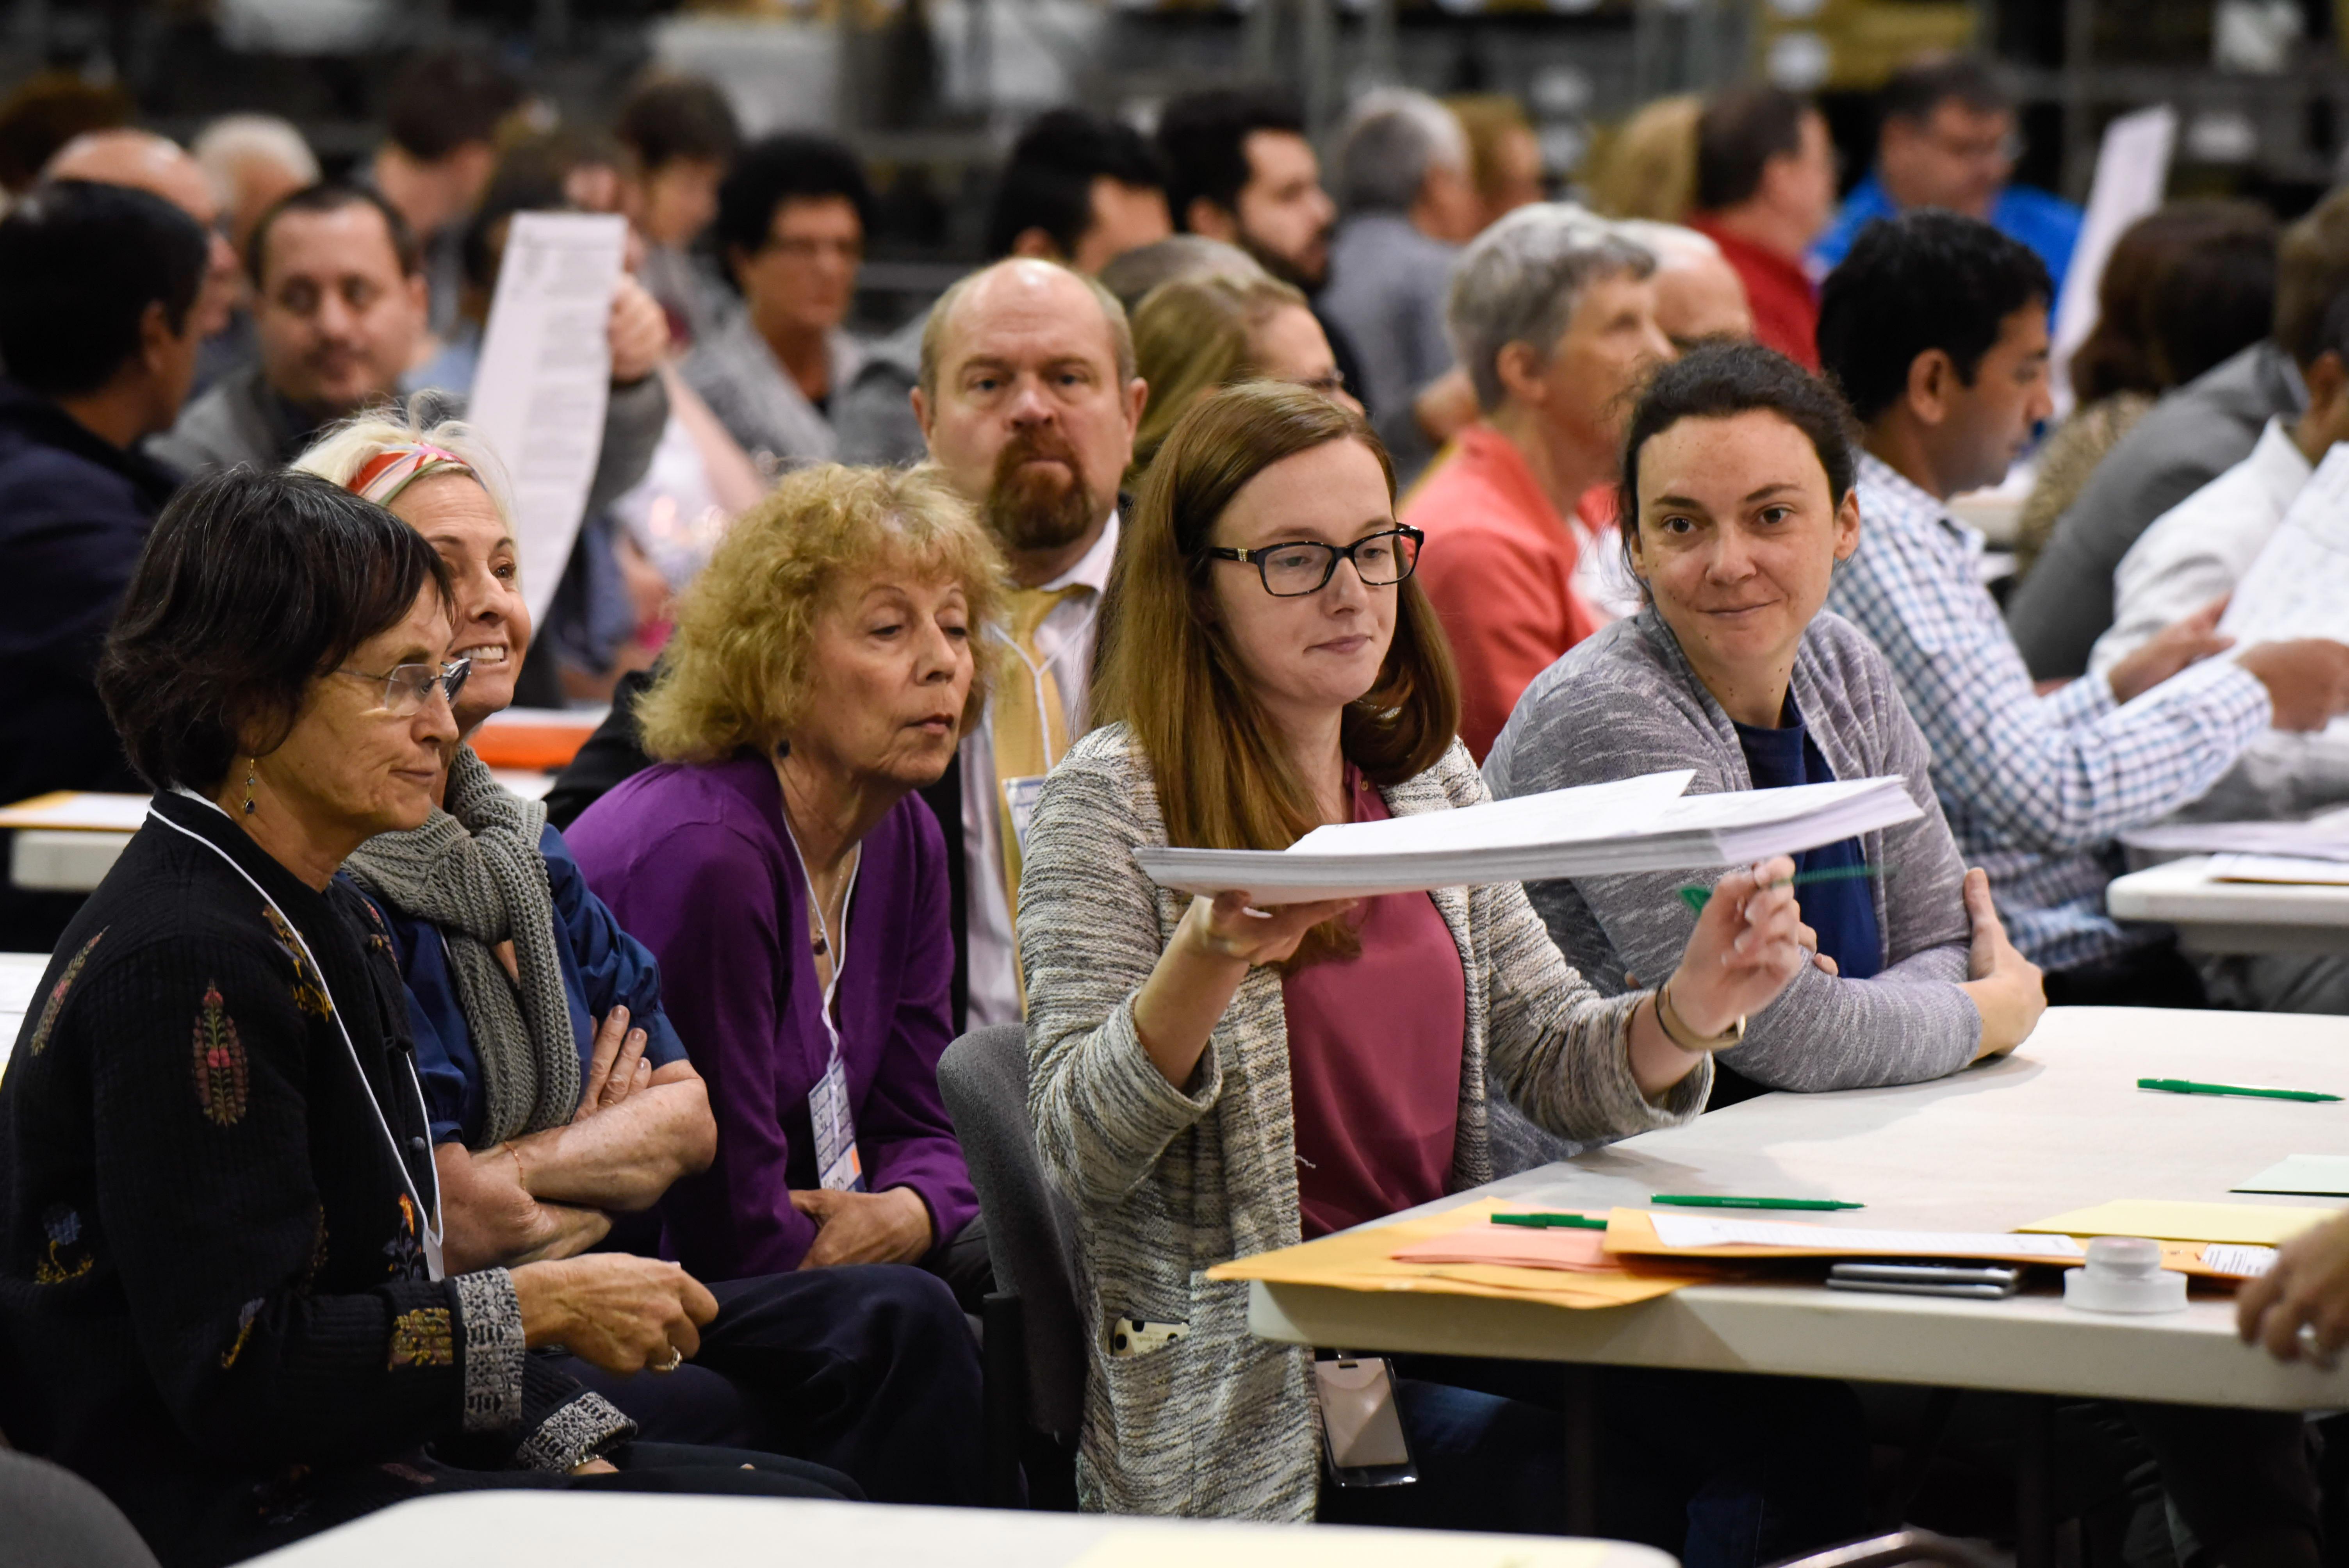 佛羅里達州棕櫚灘縣票數出爐後,點票人員未幾又重新點票。攝:Michele Eve Sandberg/AFP/Getty Images